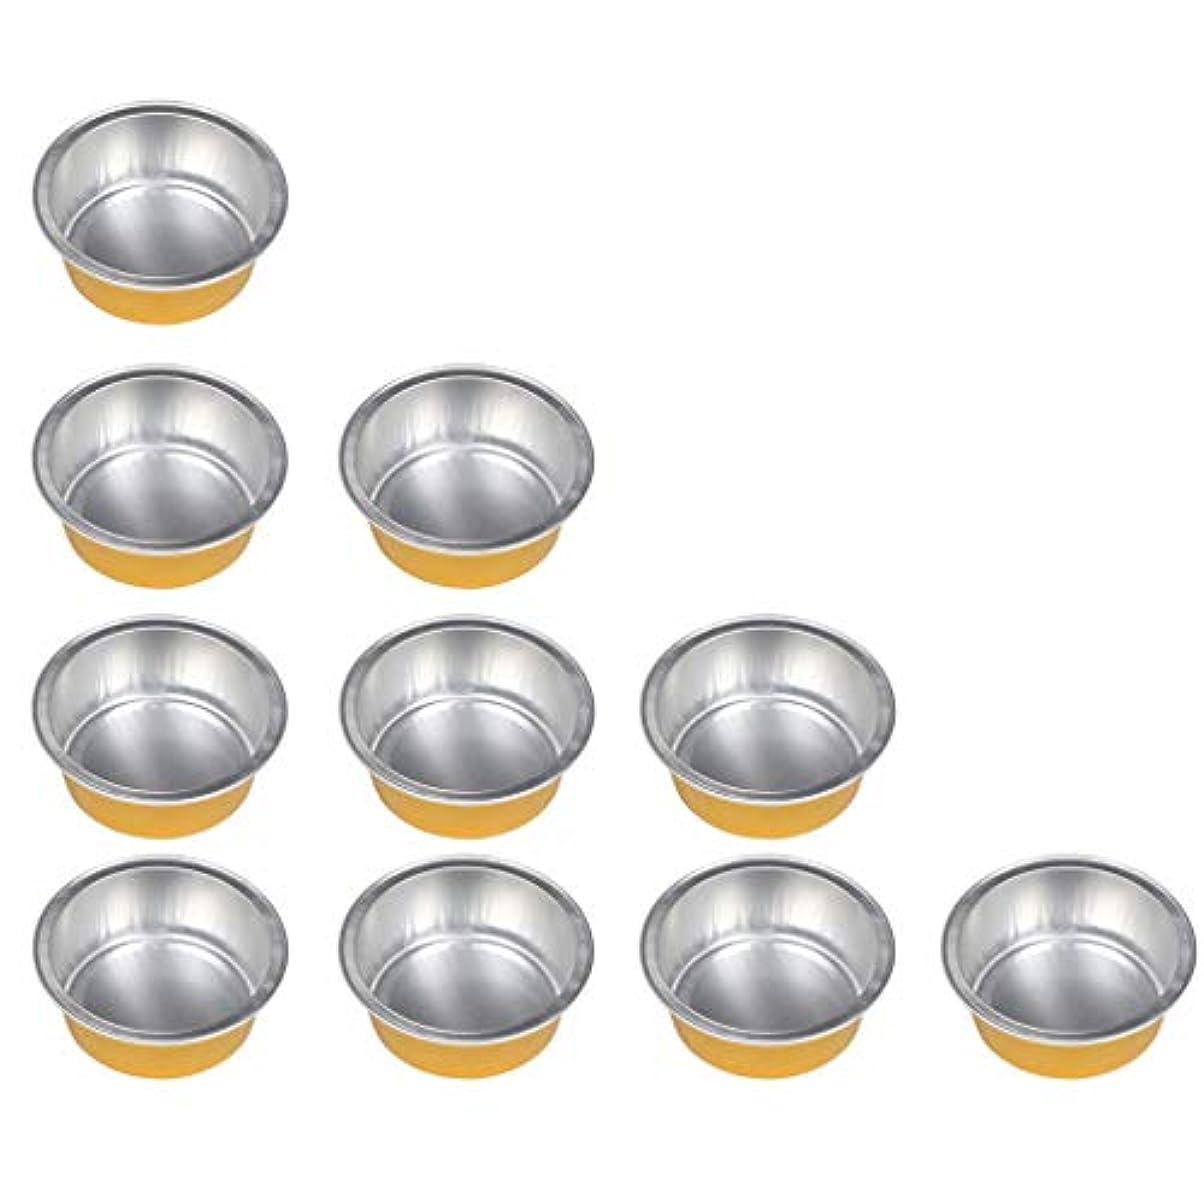 配当岸着る10個セット ワックスボウル ミニボウル アルミホイルボウル ワックス豆体 溶融 衛生的 2種選ぶ - ゴールデン1